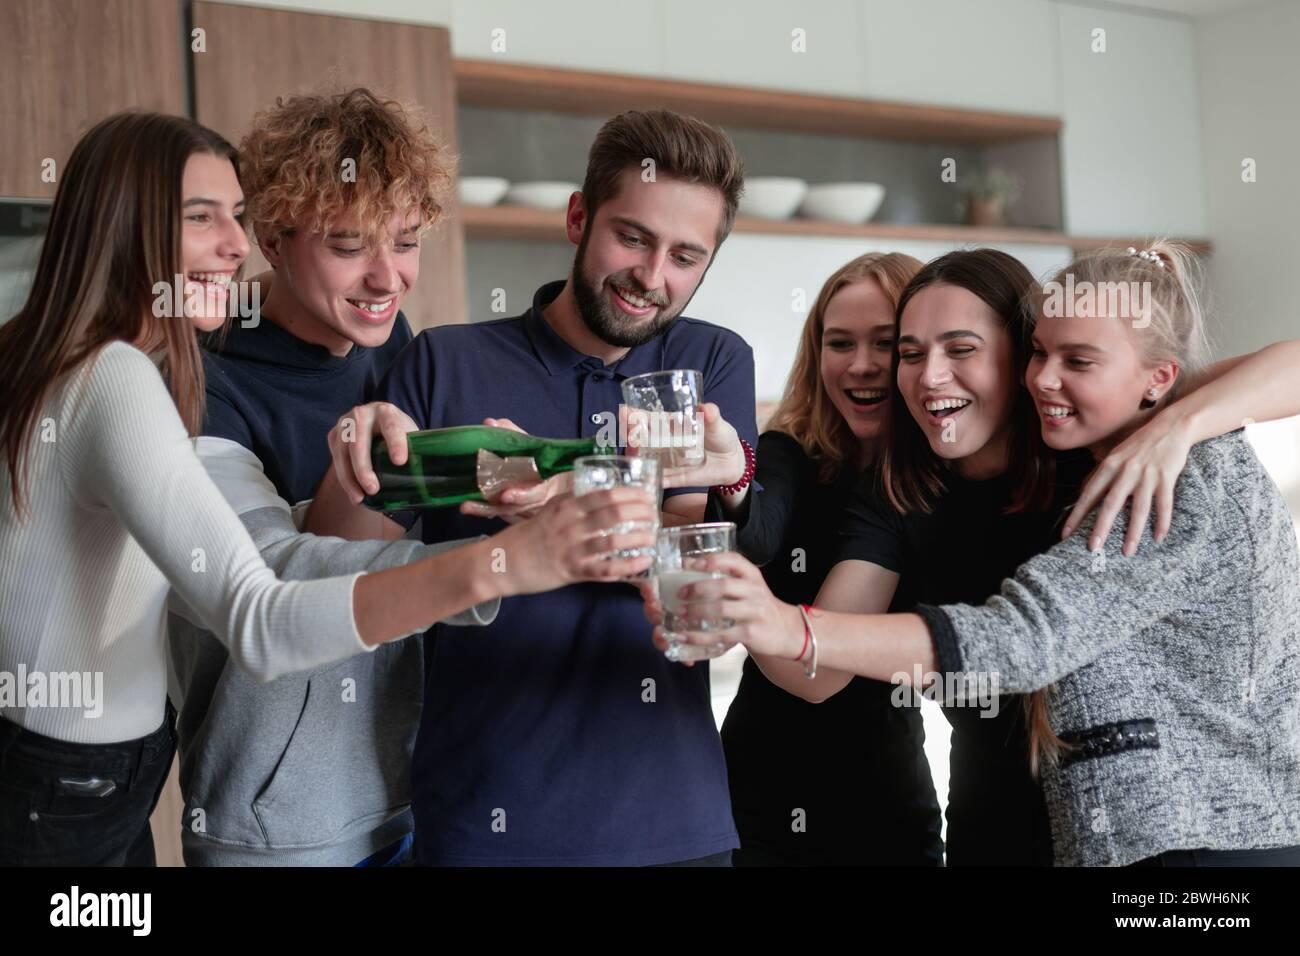 Fröhliche junge Freunde, die eine Flasche Champagner öffnen Stockfoto